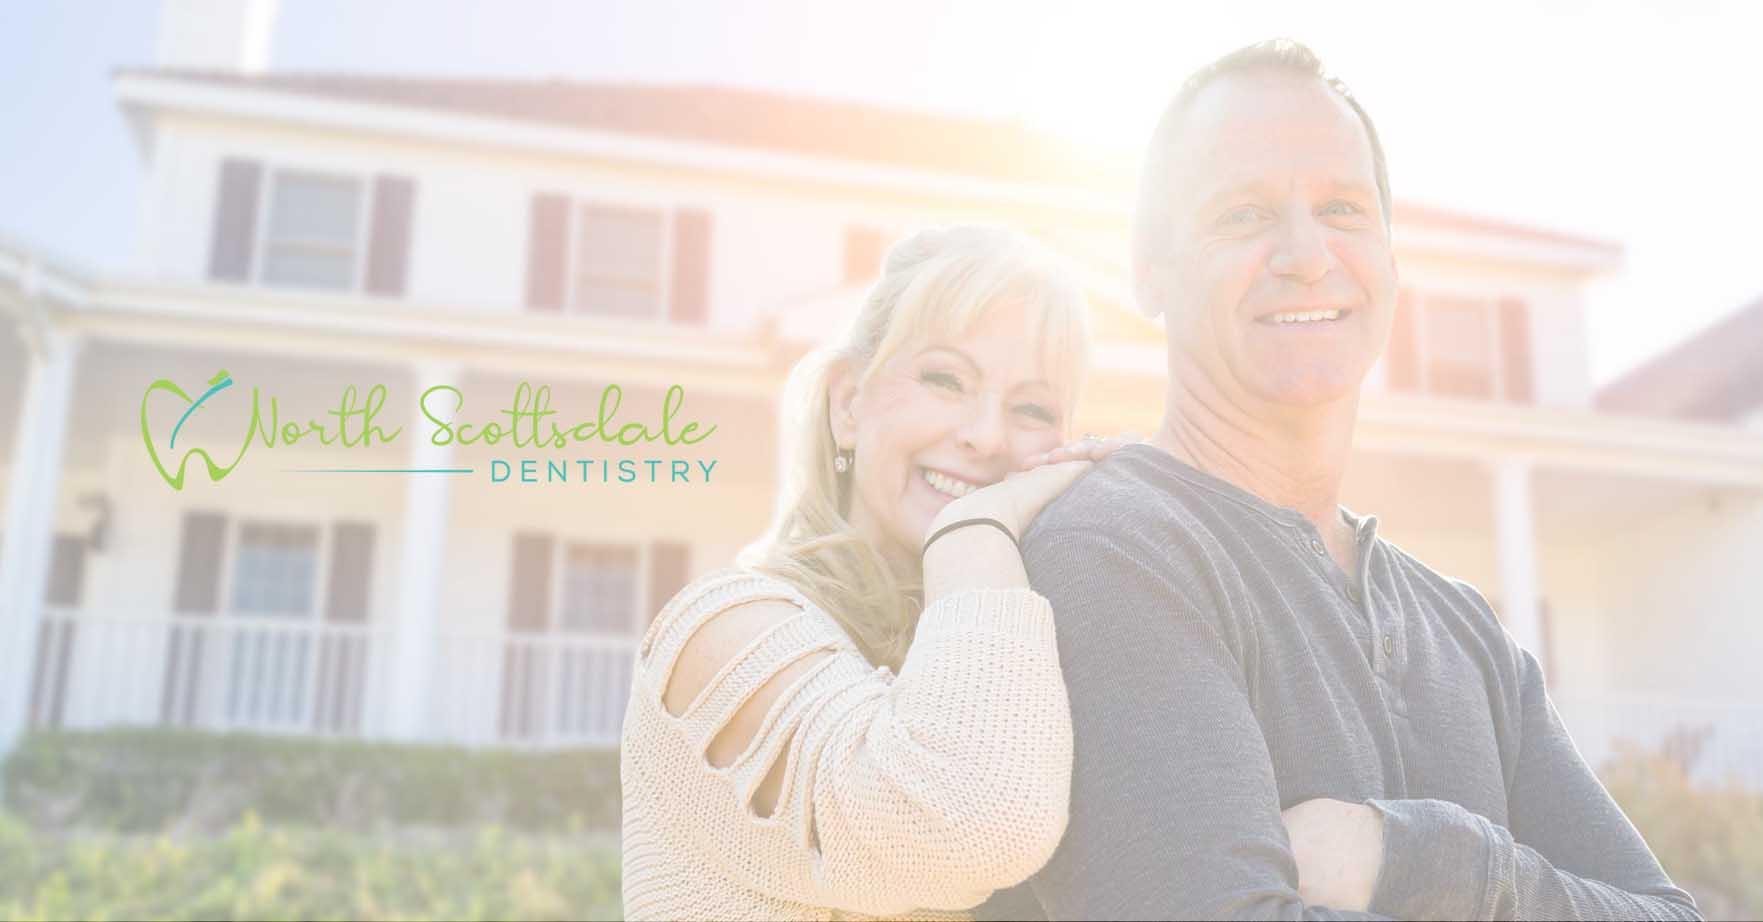 Scottsdale Family Dentist - North Scottsdale Dentistry - (480) 900-4966